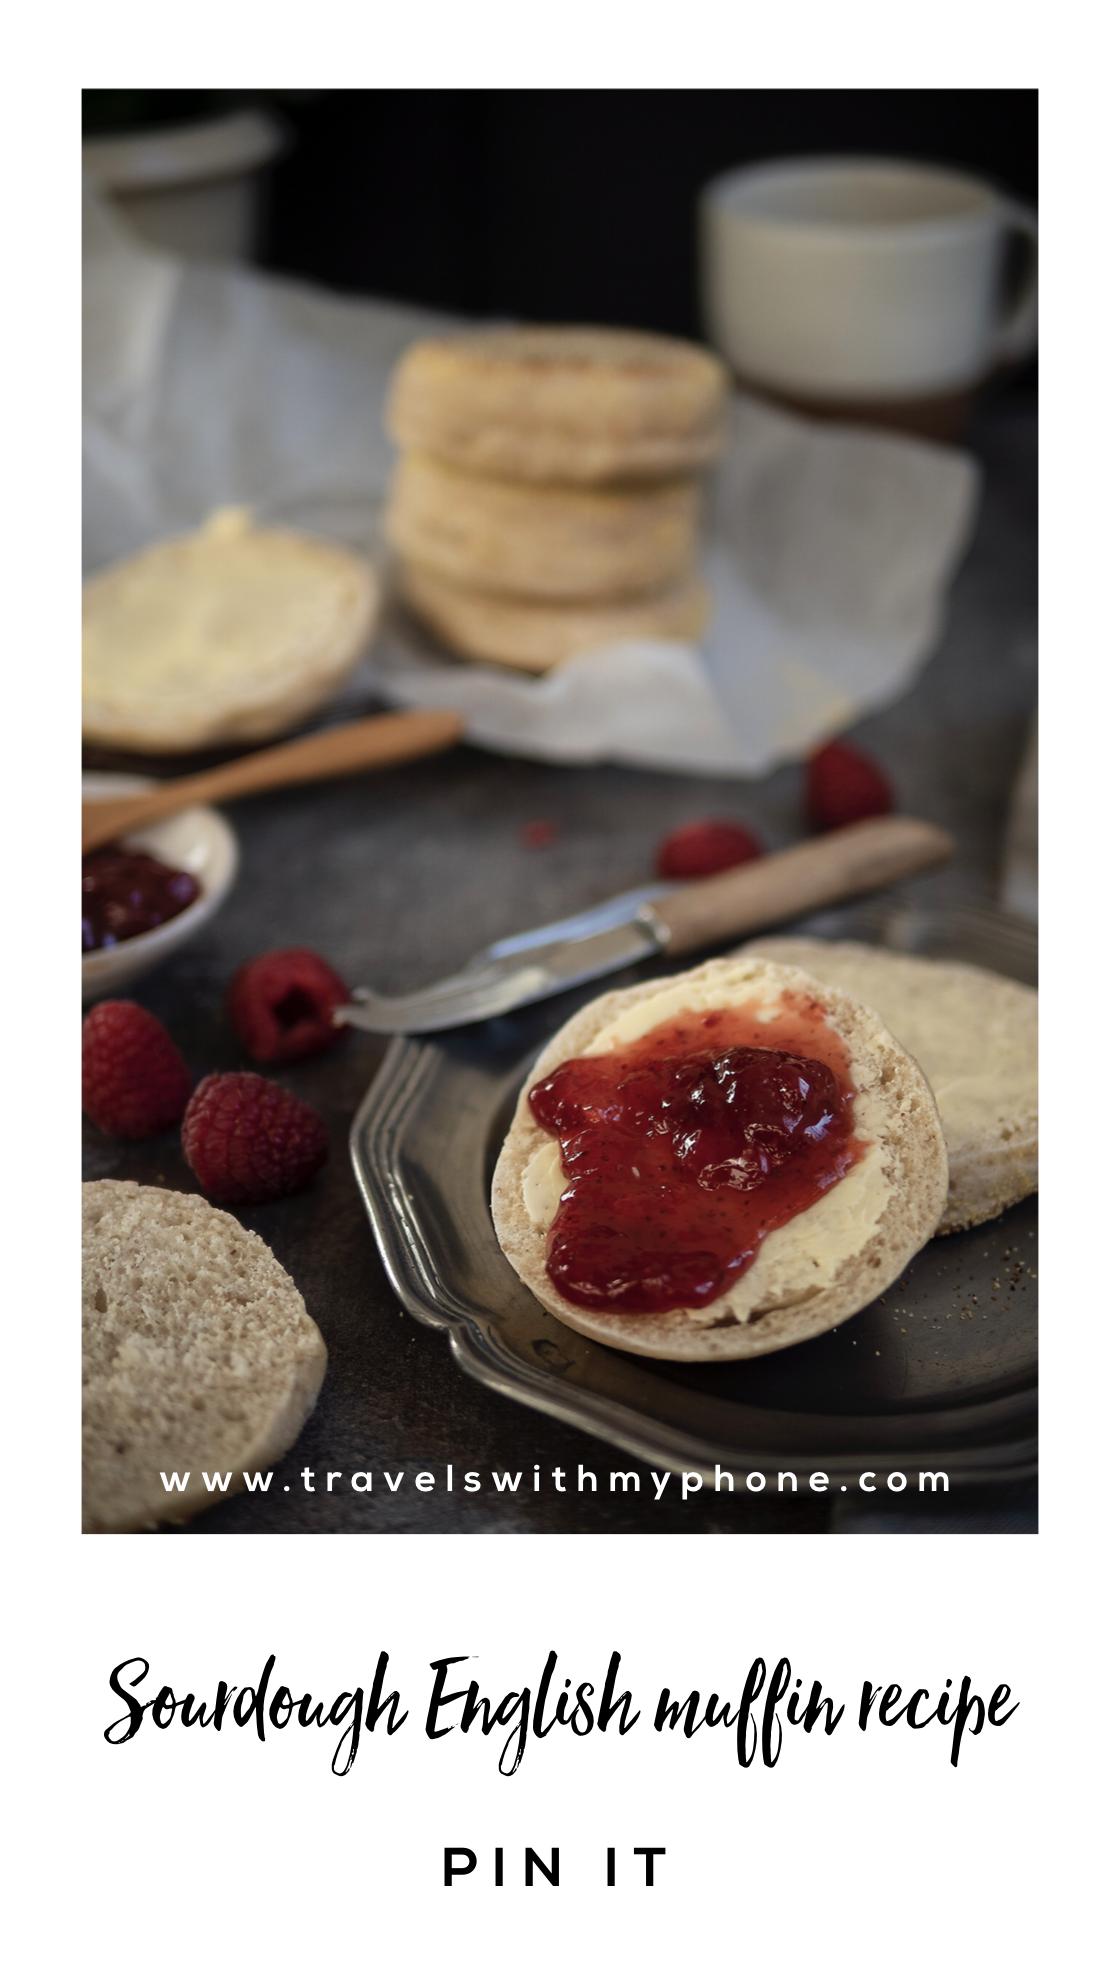 Sourdough muffins recipe.jpg